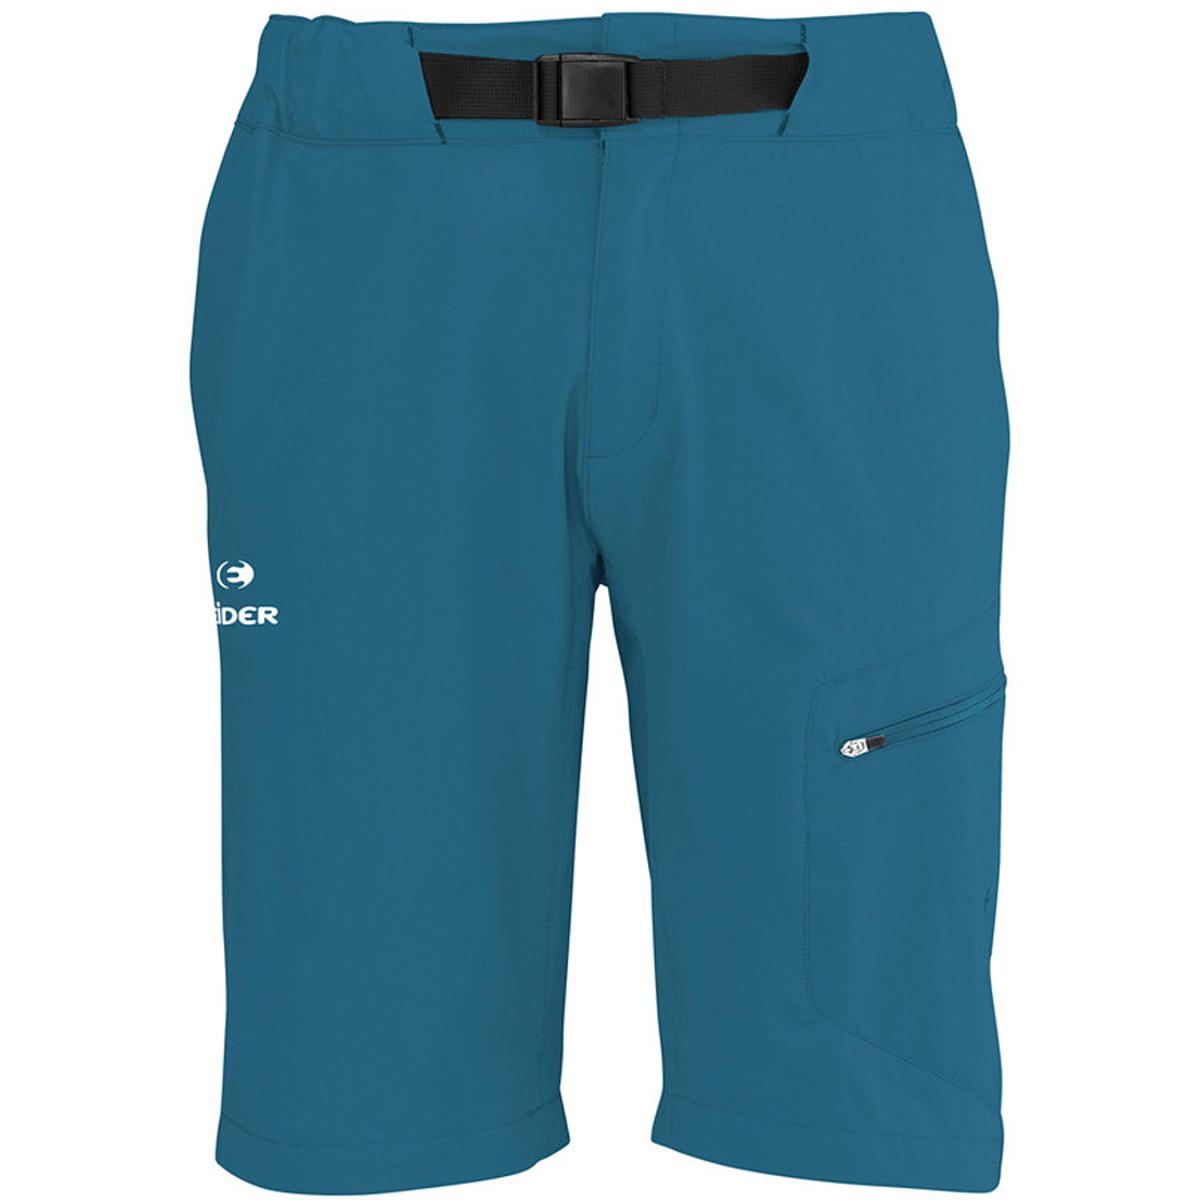 Eider Singhi Bermuda II Short